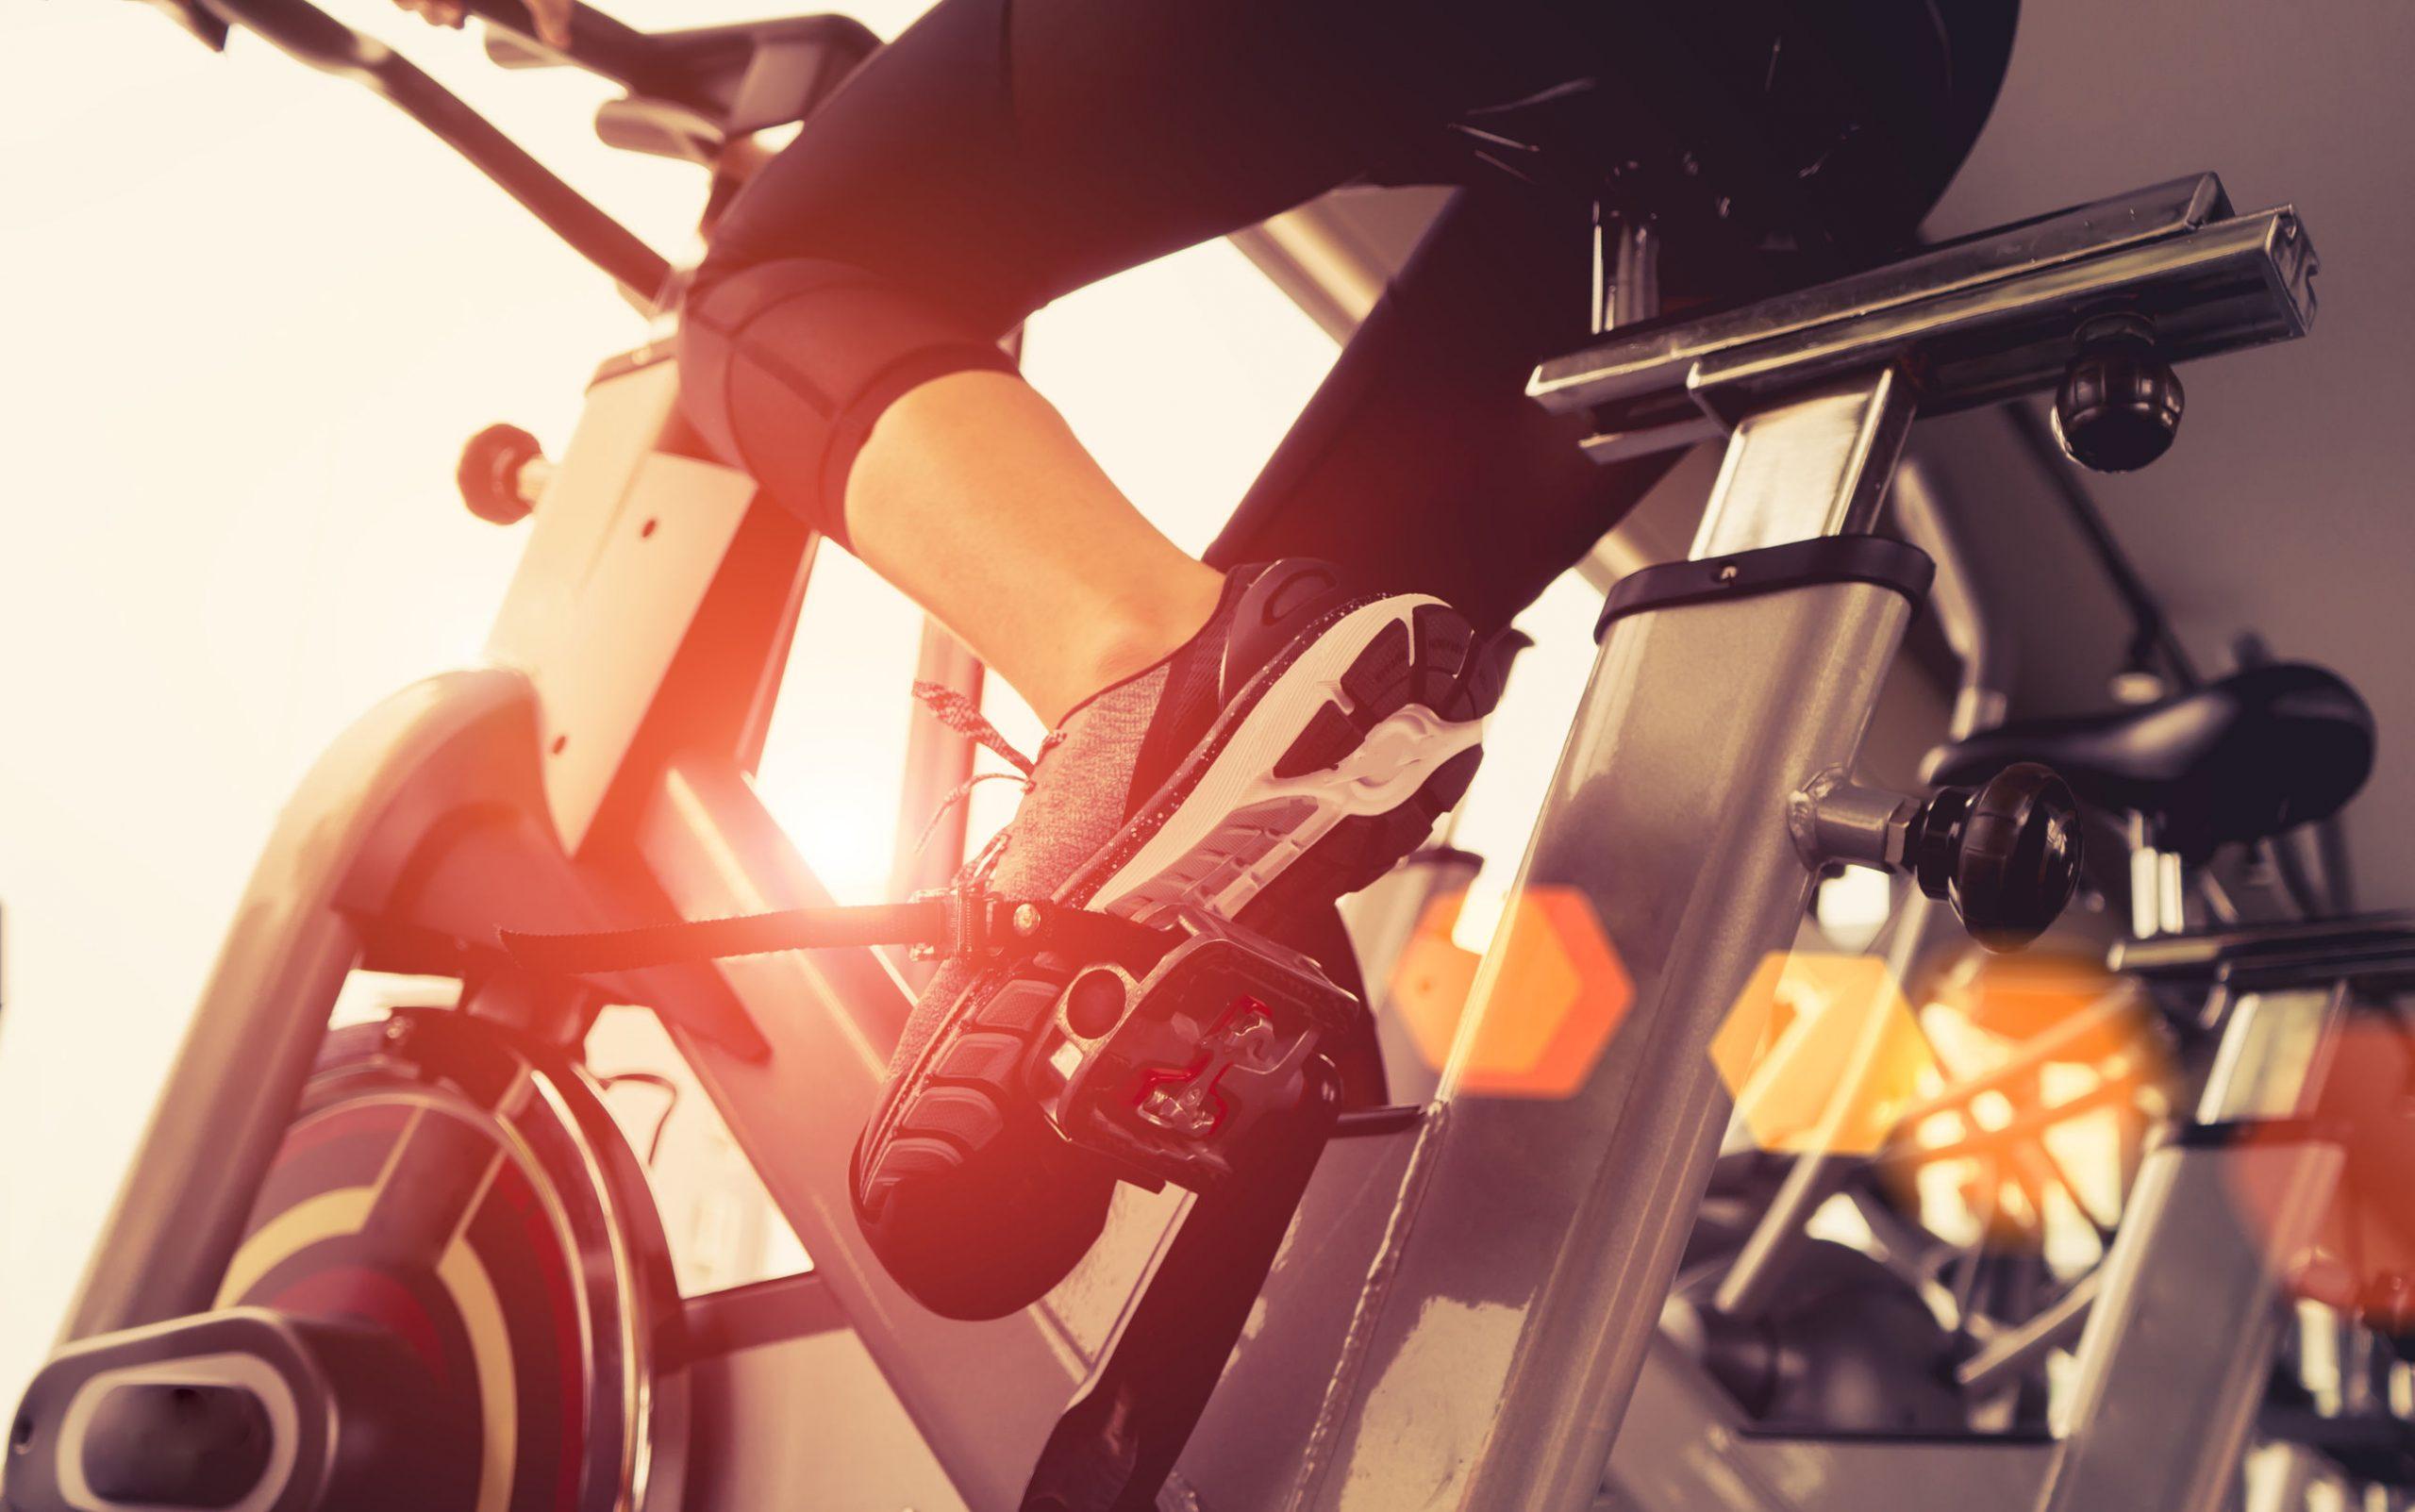 Mulher fazendo exercício na academia em uma bicicleta